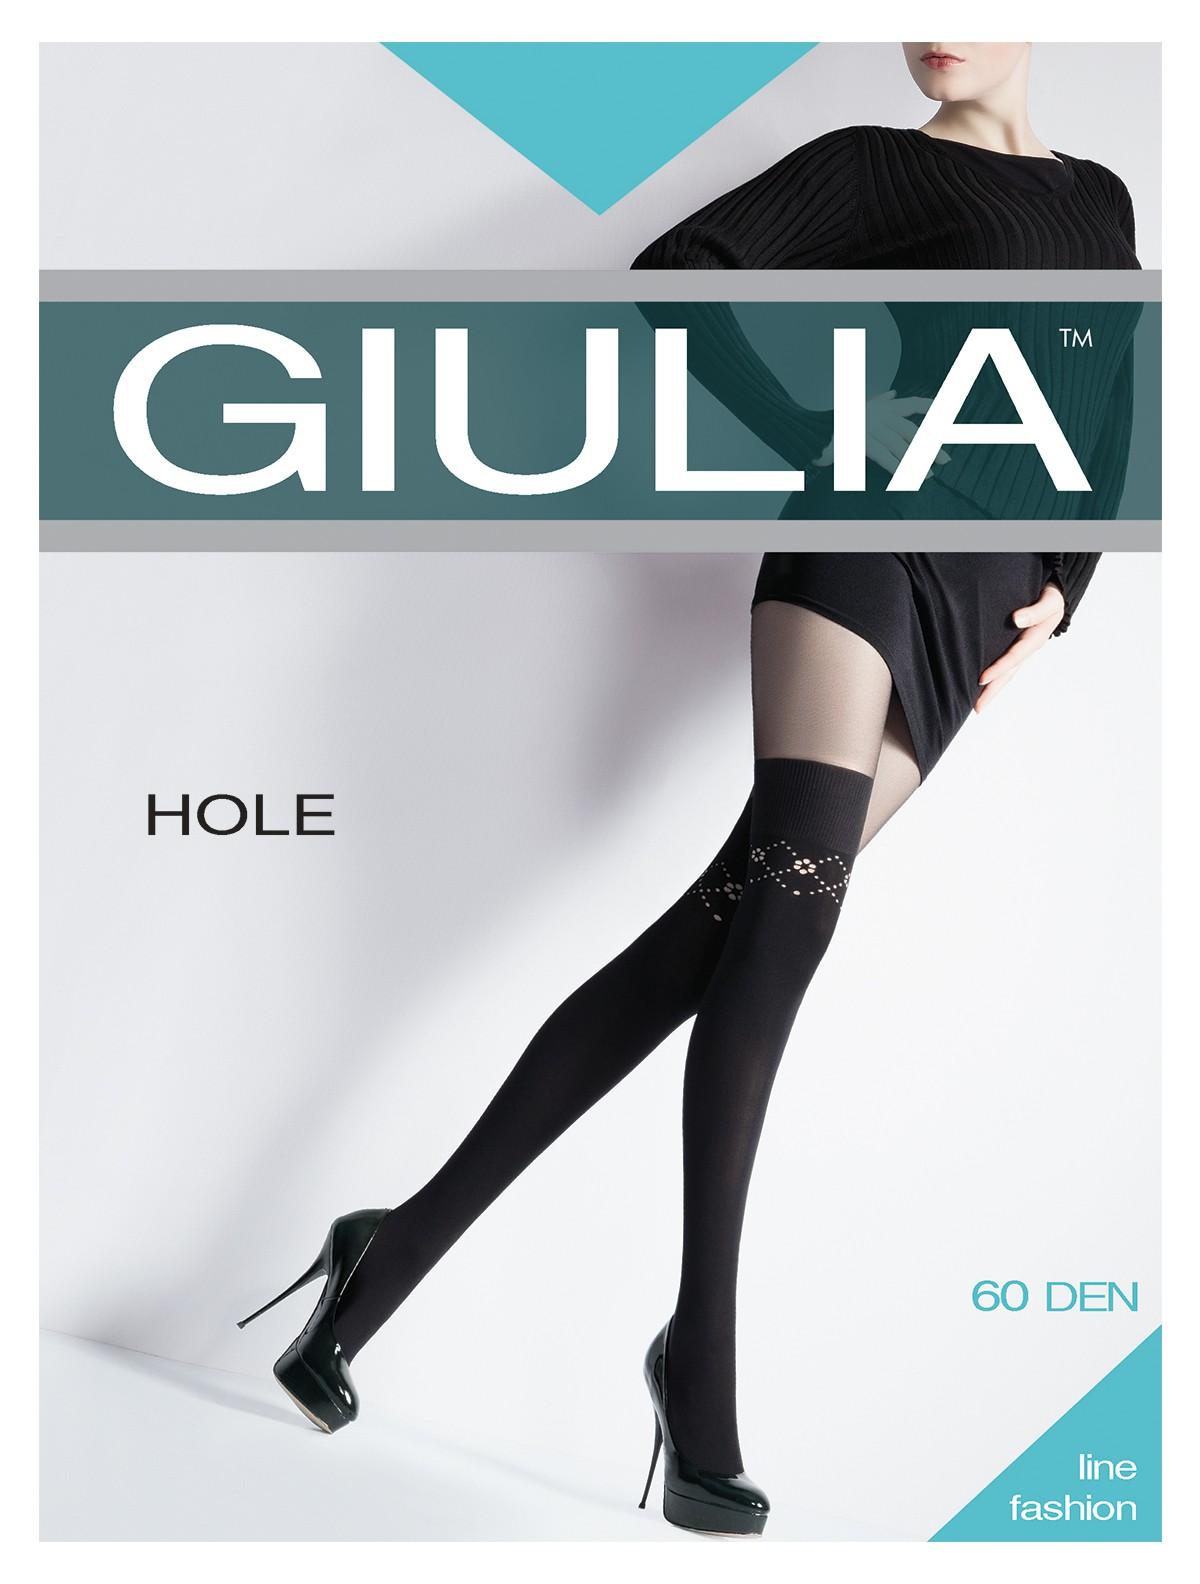 Giulia-06